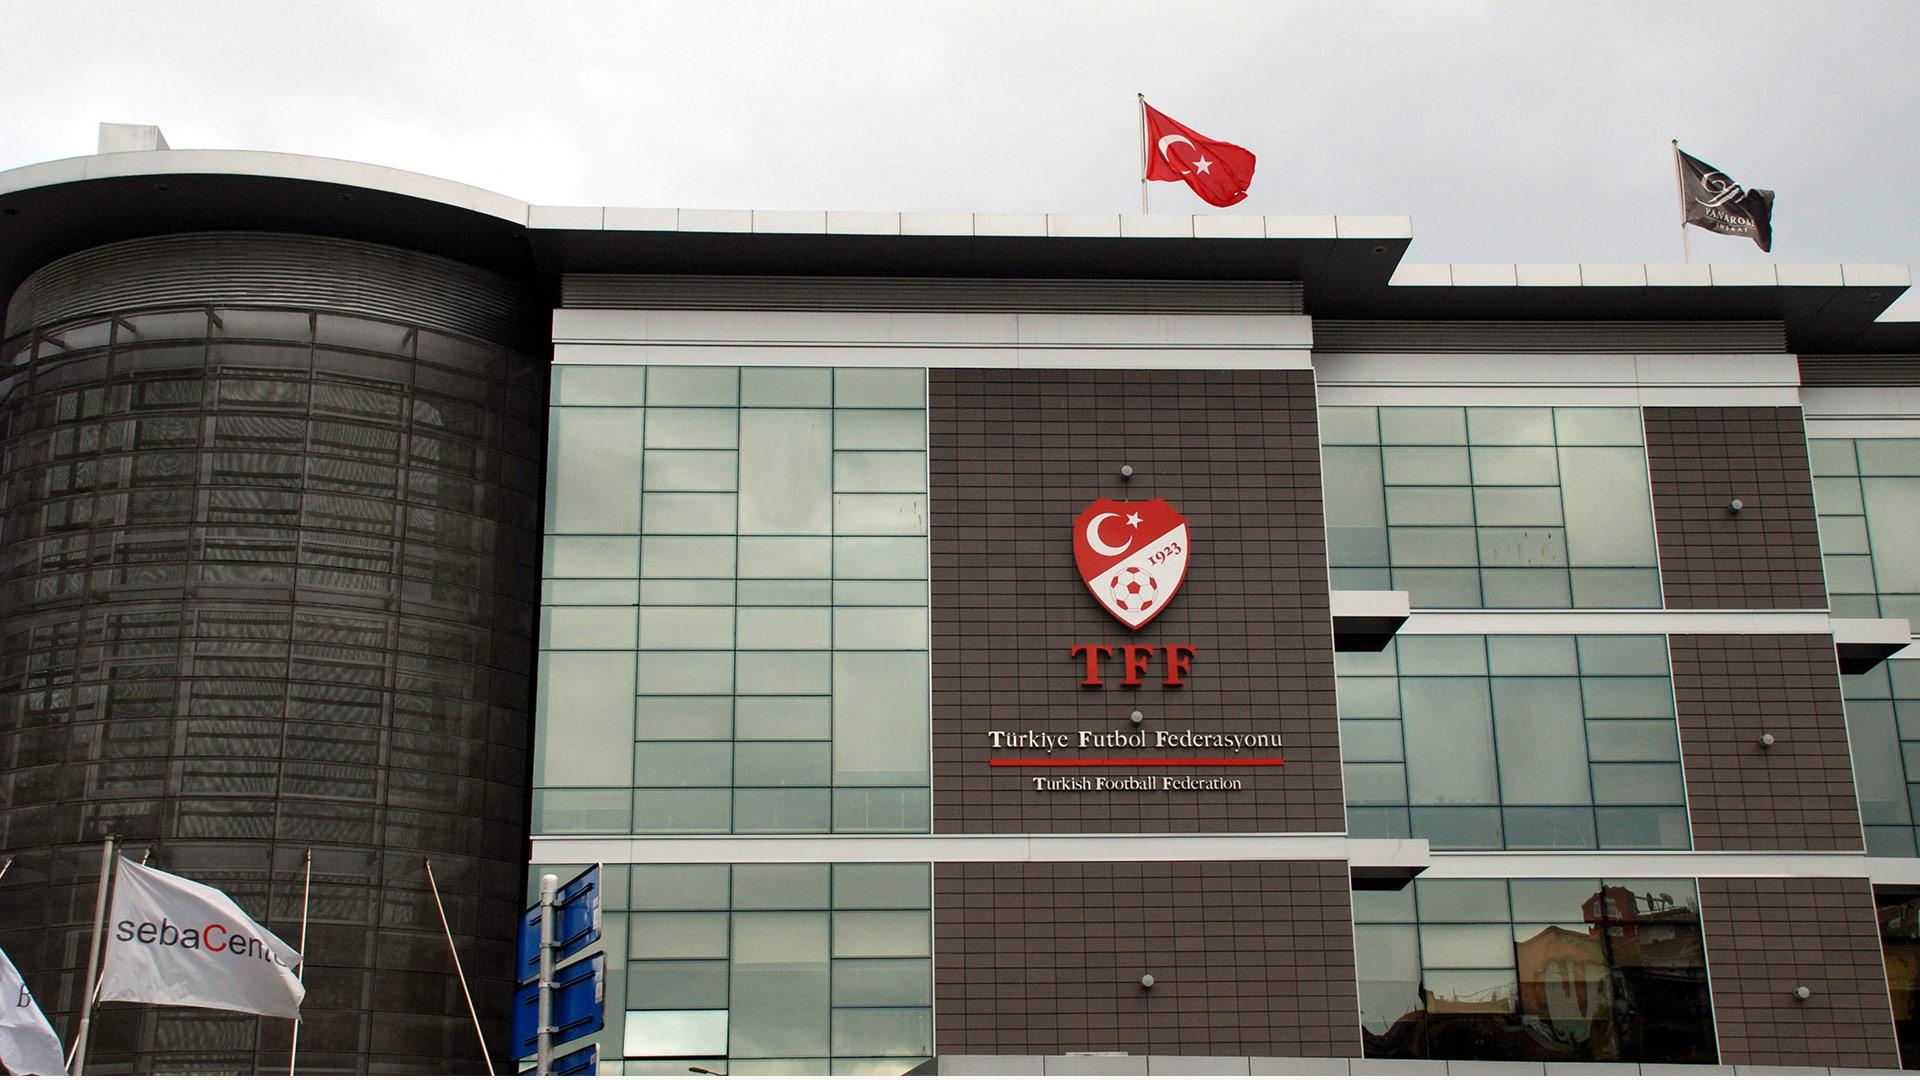 turk-futbol-federasyonu-1